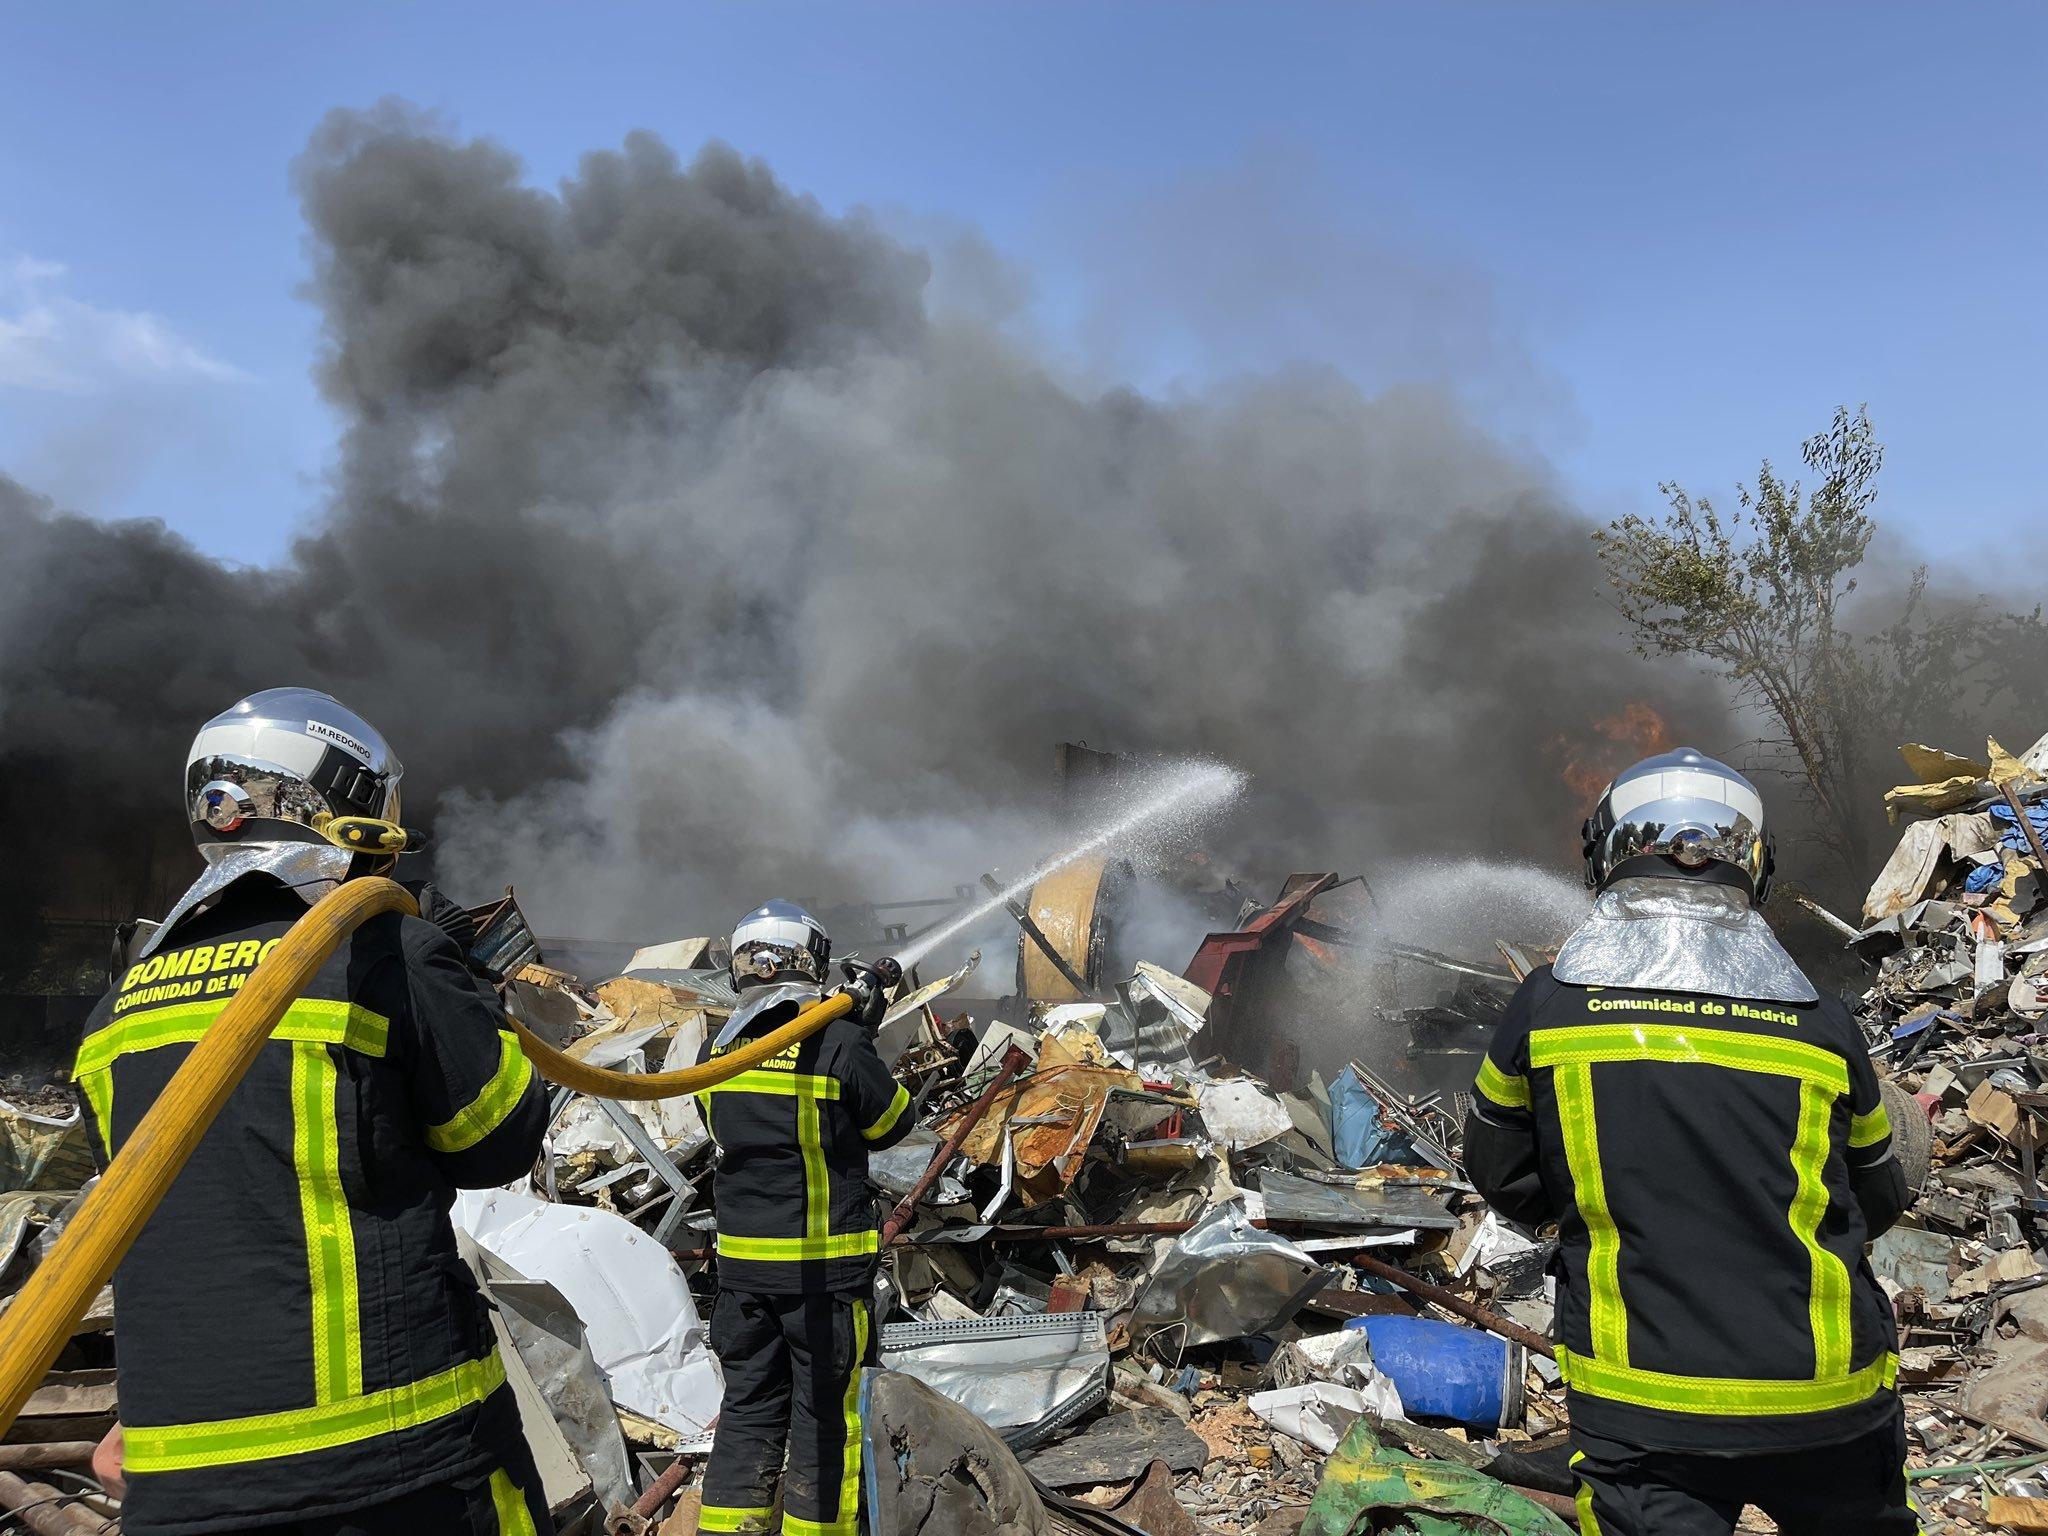 Bomberos de la Comunidad de Madrid extinguen el incendio en la nave.